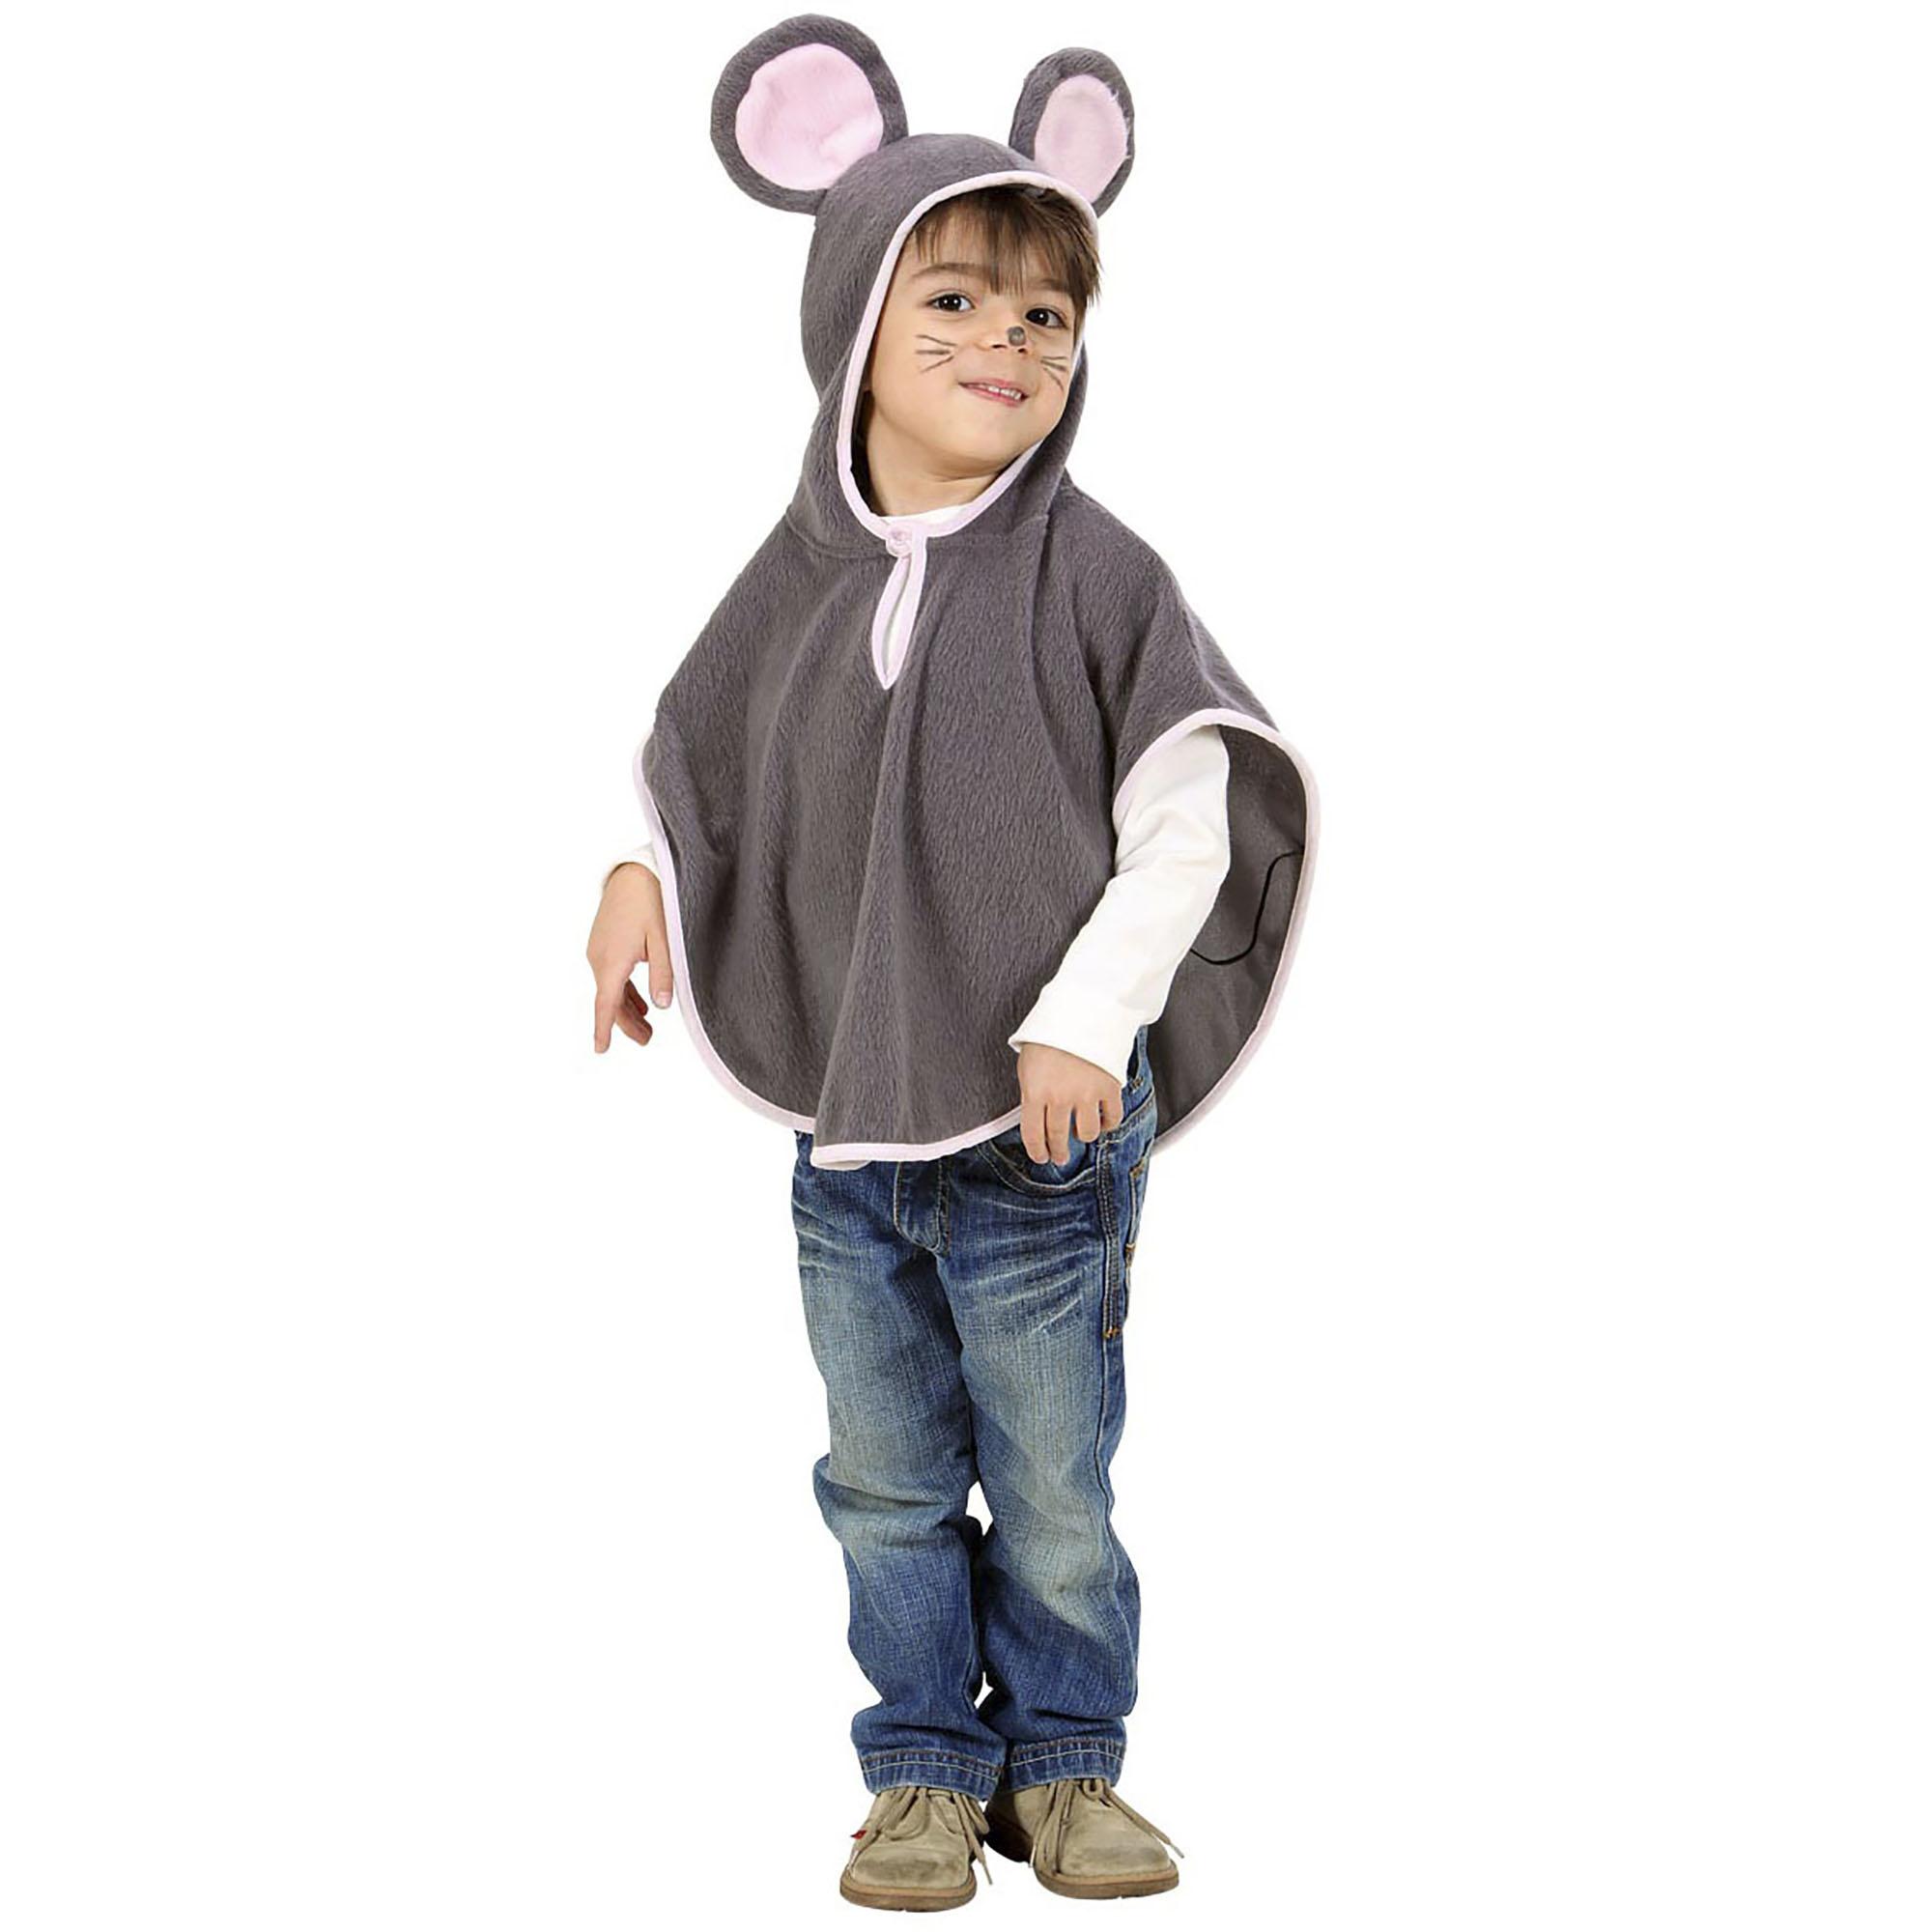 Kinderkostuum: Muizen poncho voor de kleine muis